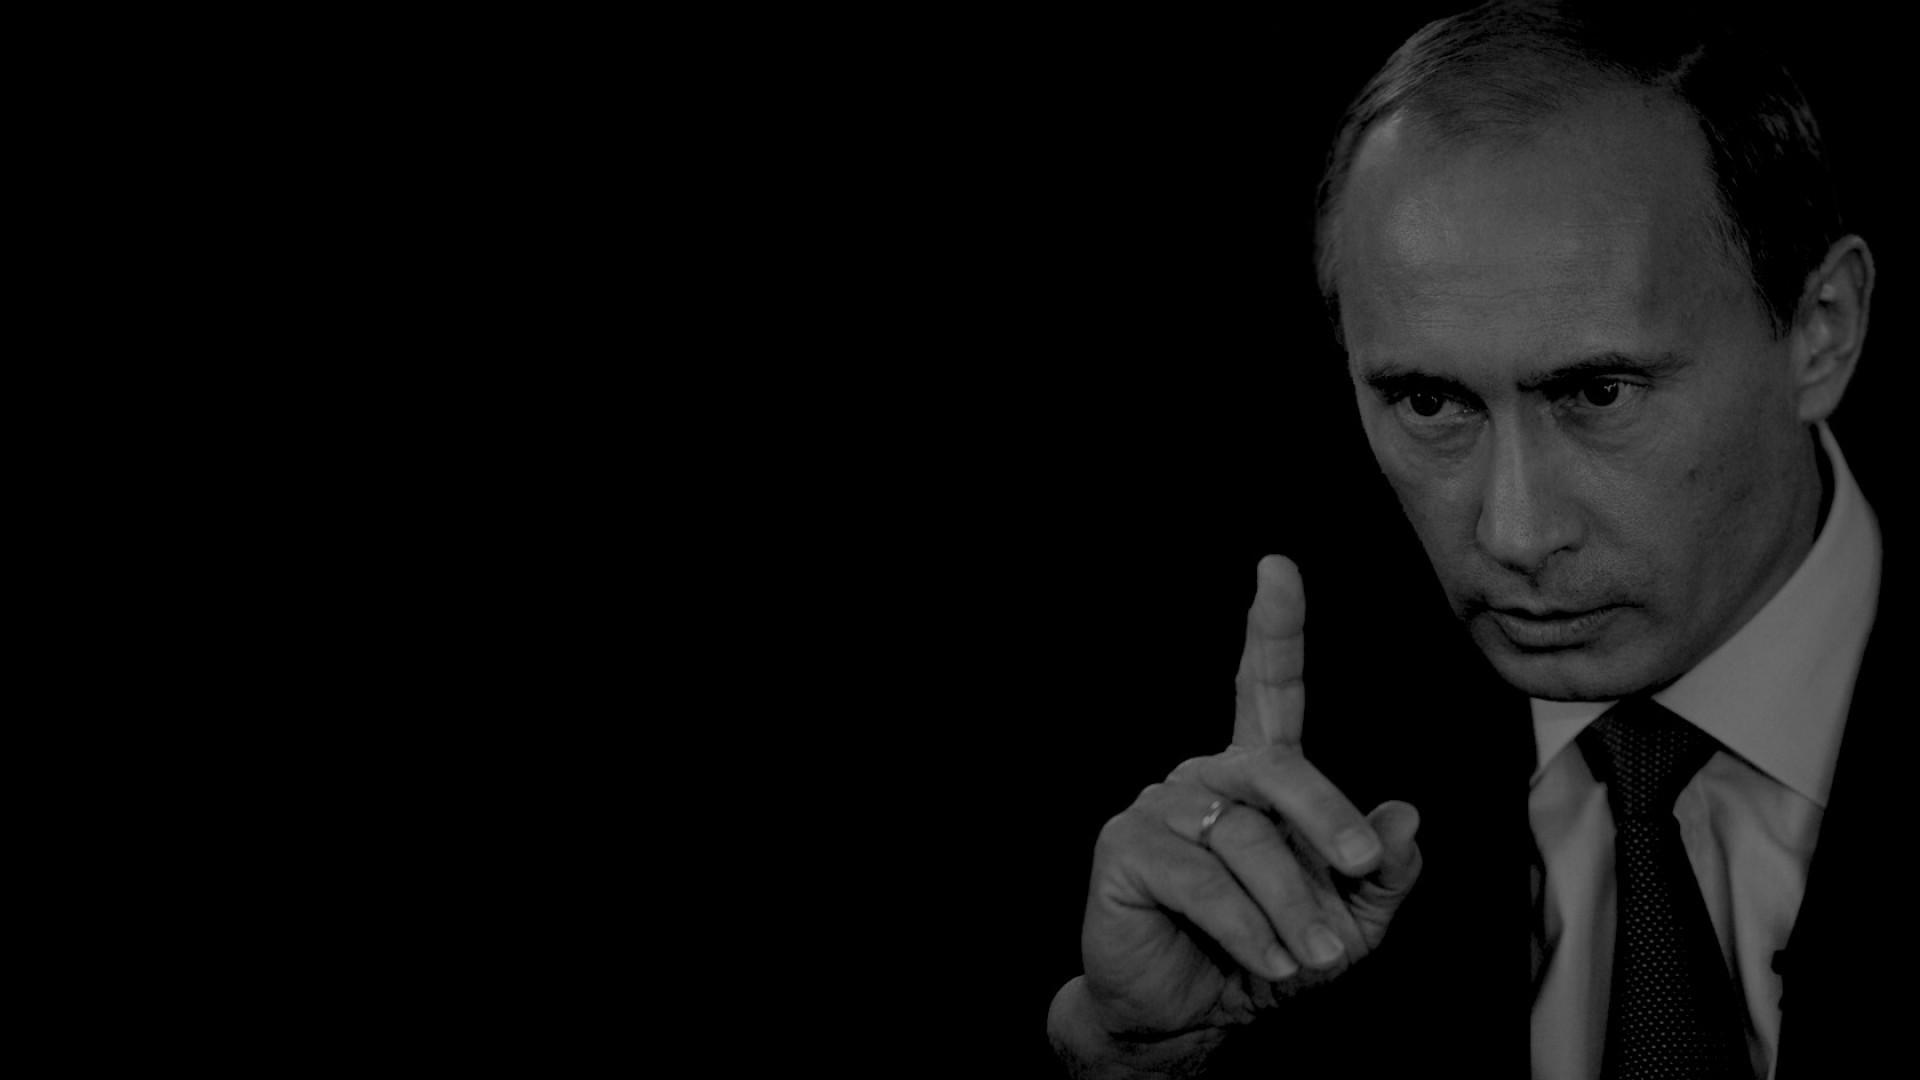 Vladimir Putin Wallpapers